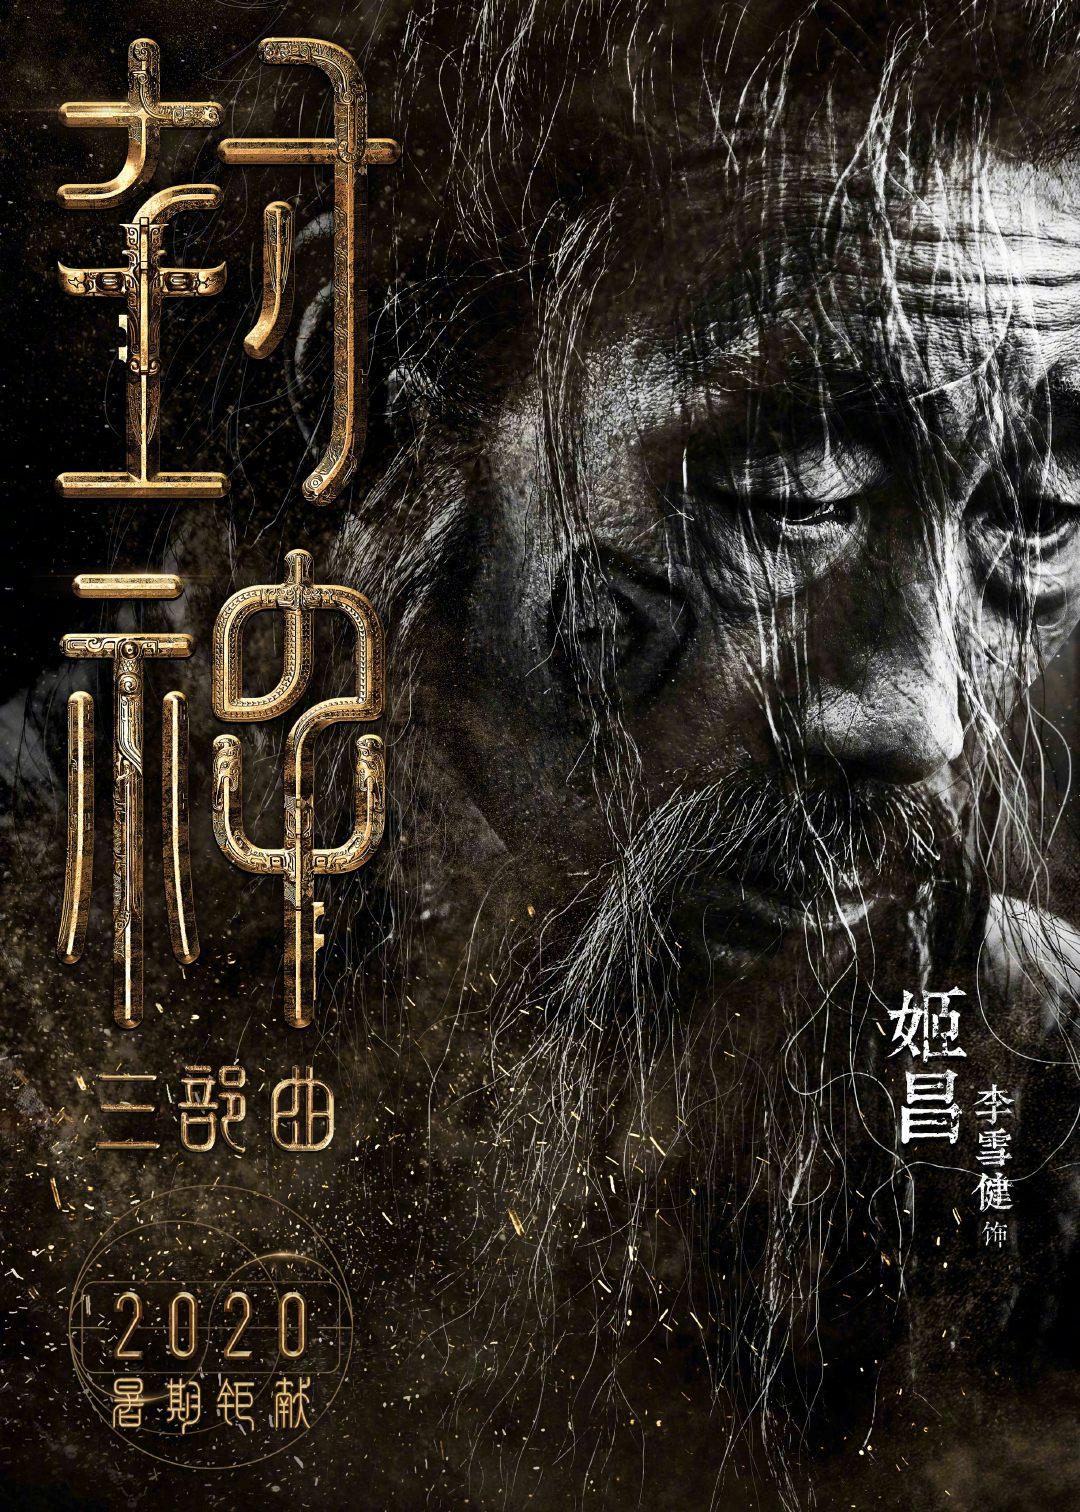 乌尔善《封神三部曲》新角色宣布 陈坤袁泉确定出演